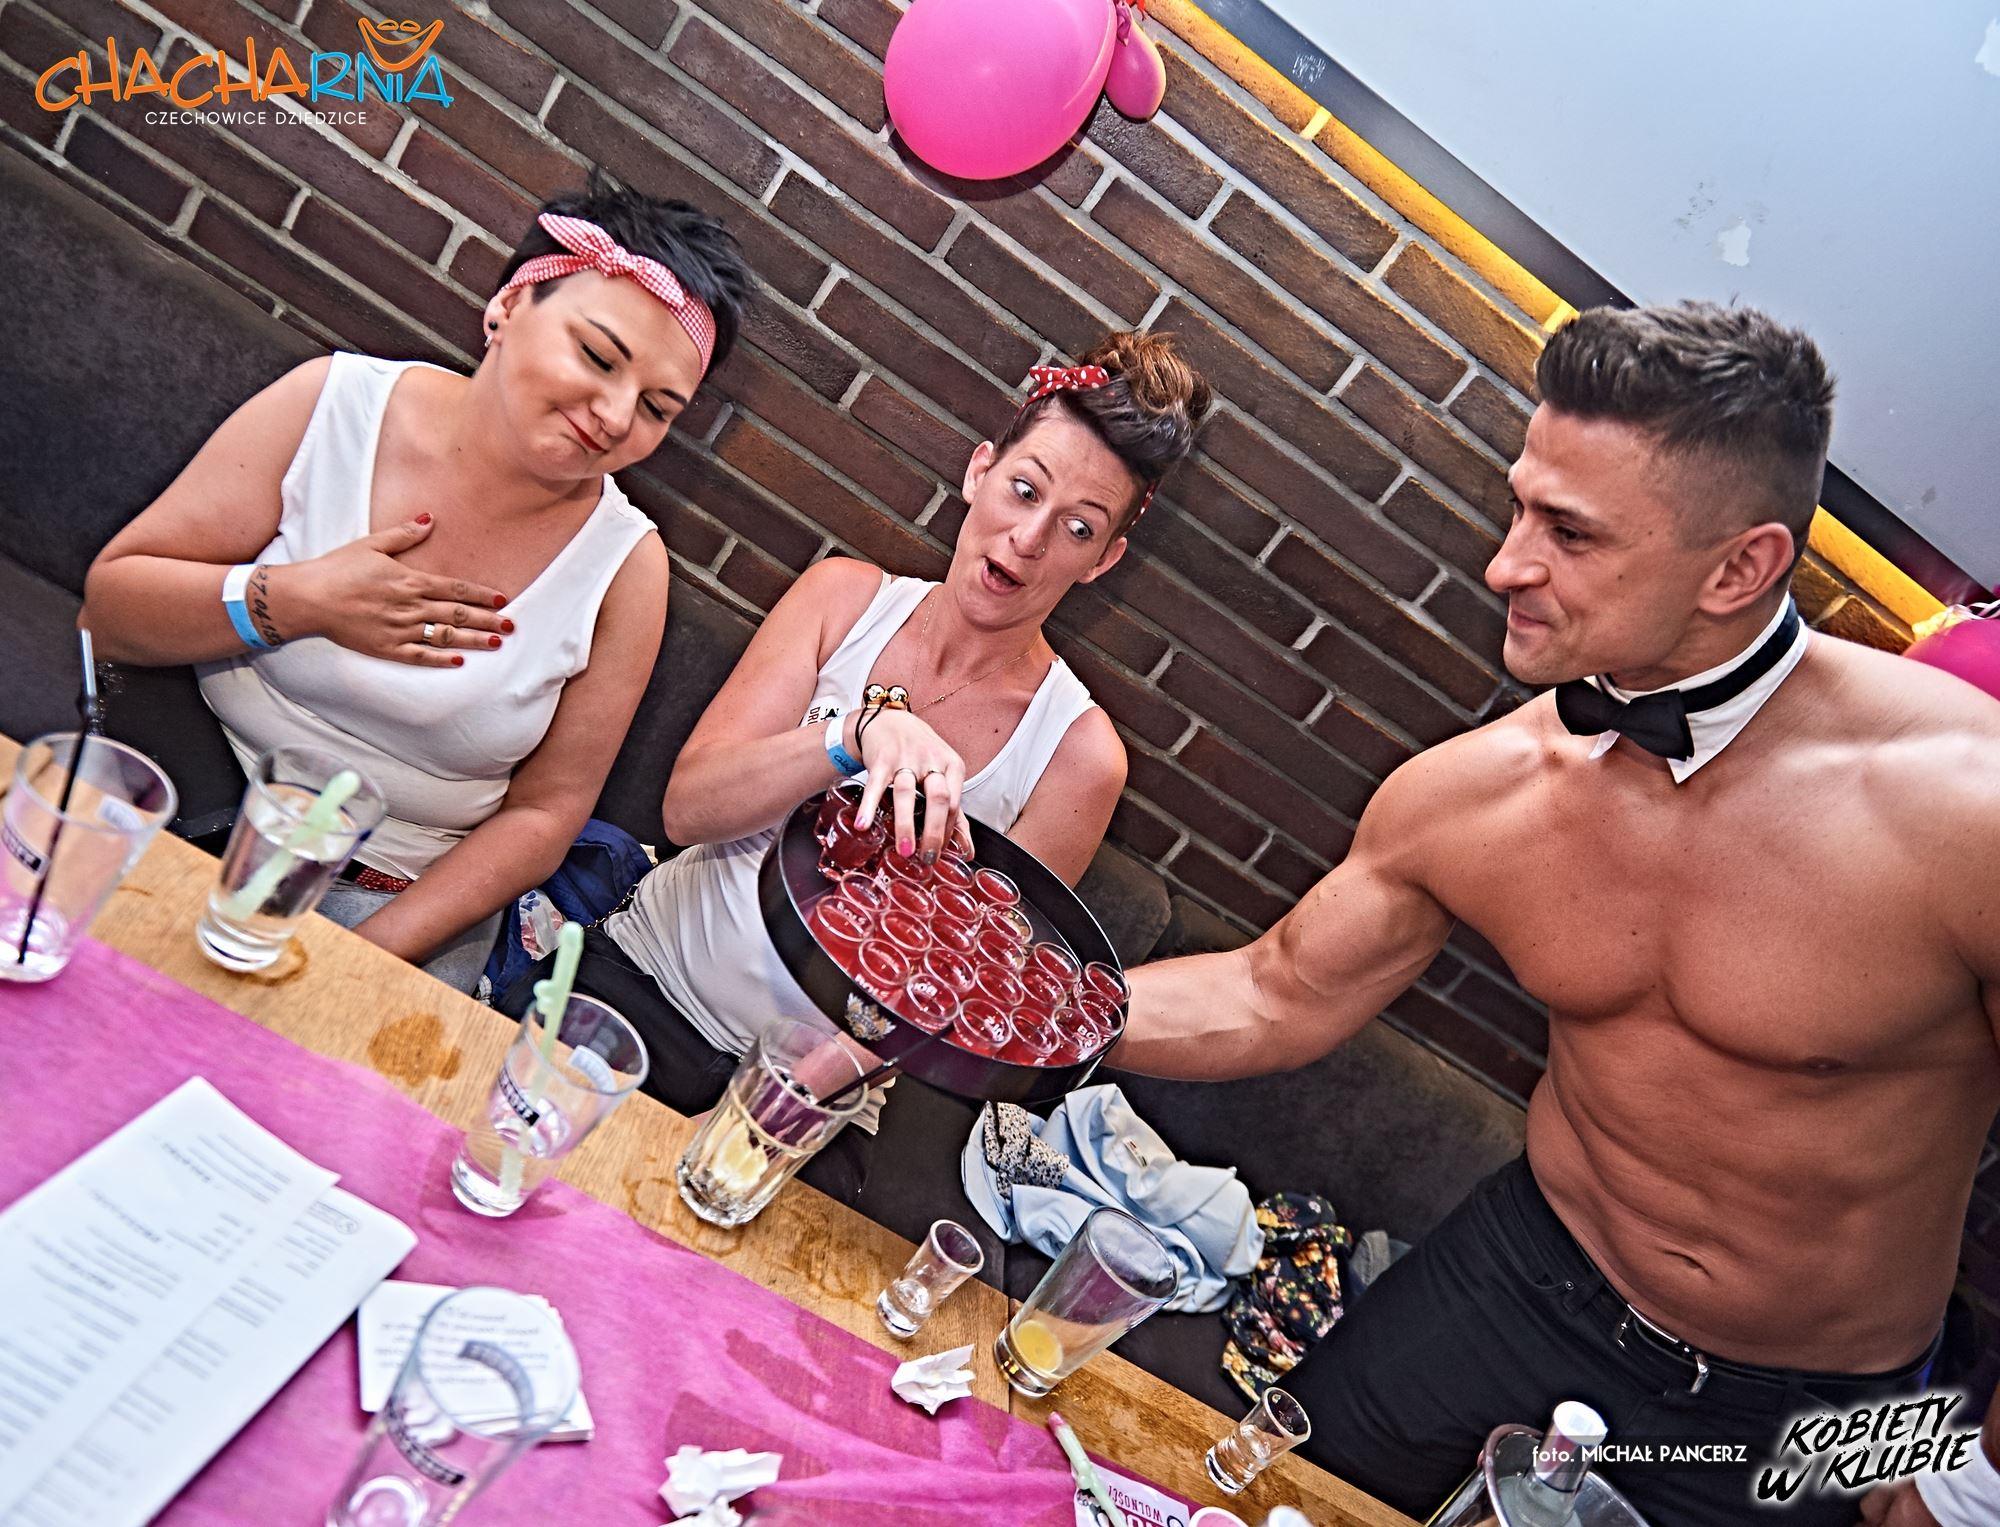 Striptizer serwujący drinki w klubie topless